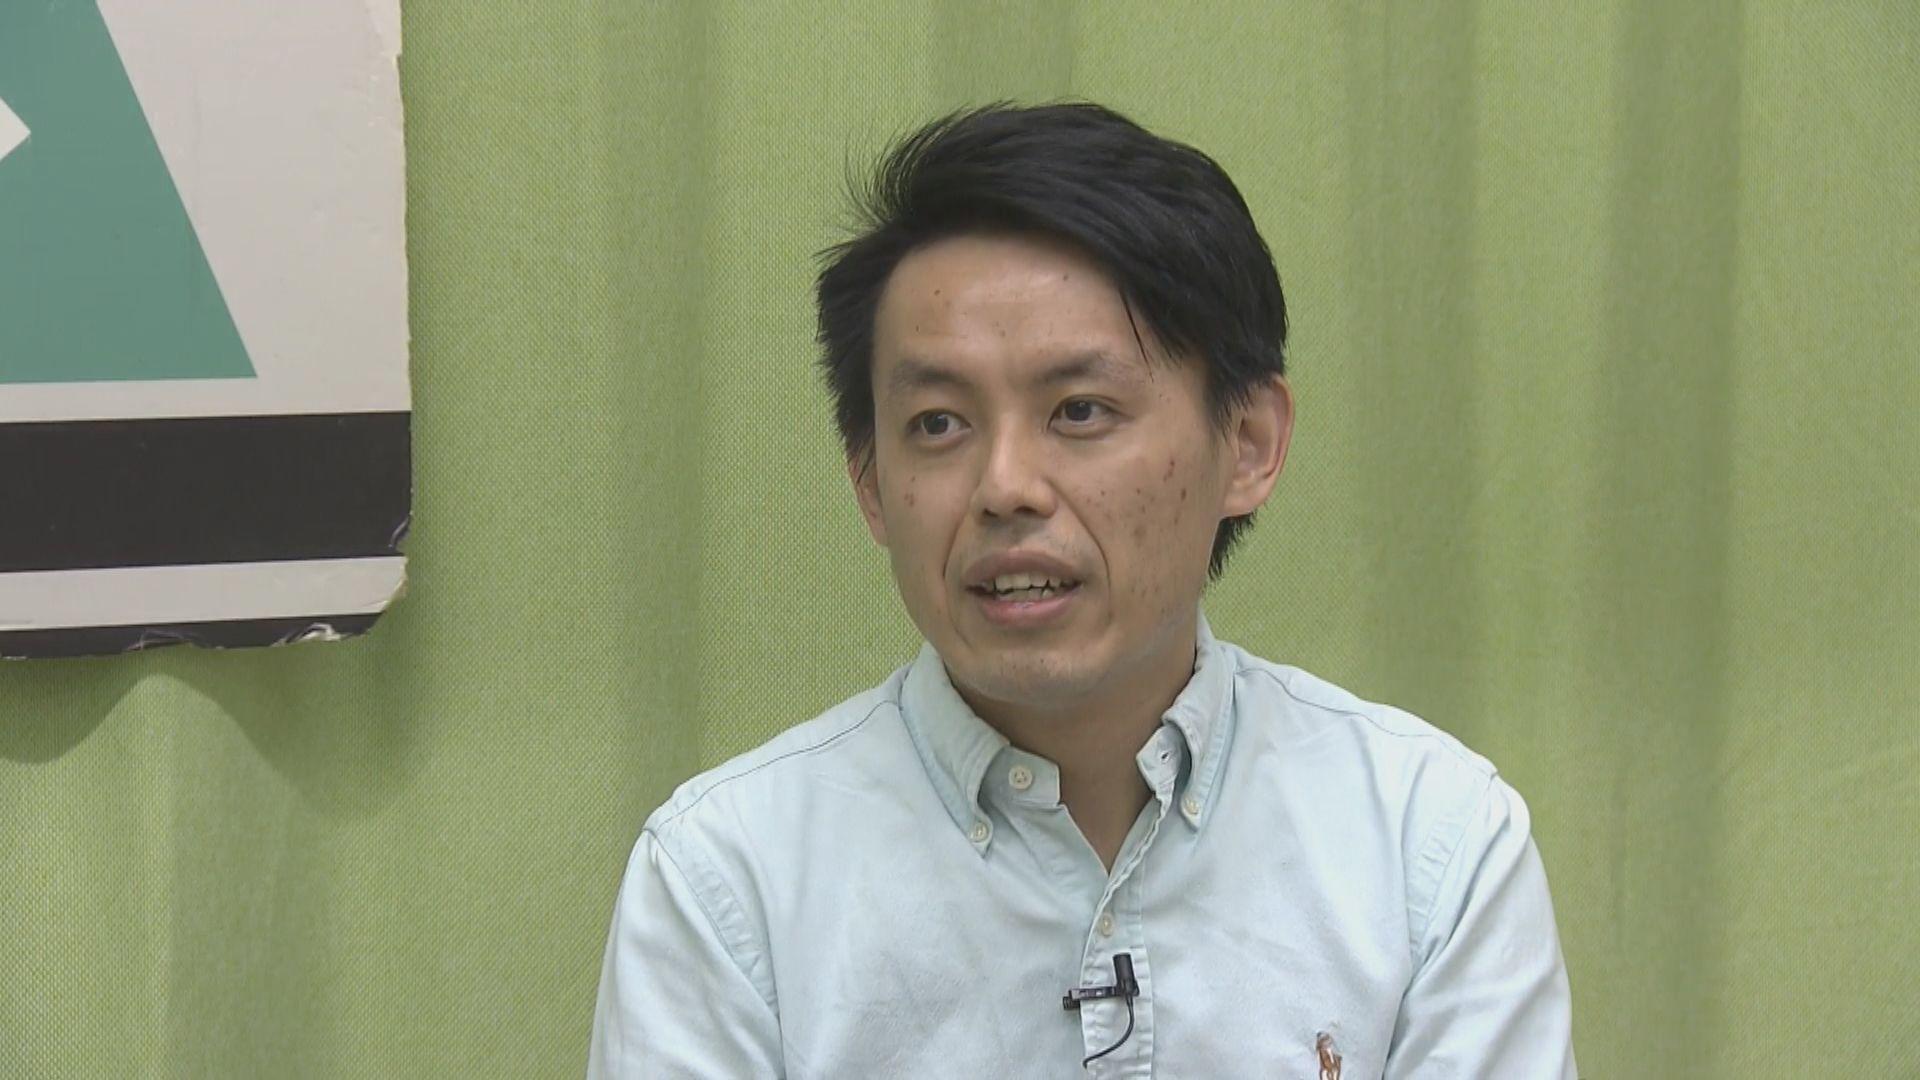 羅健熙:民主黨未來會調整工作方針 不會解散